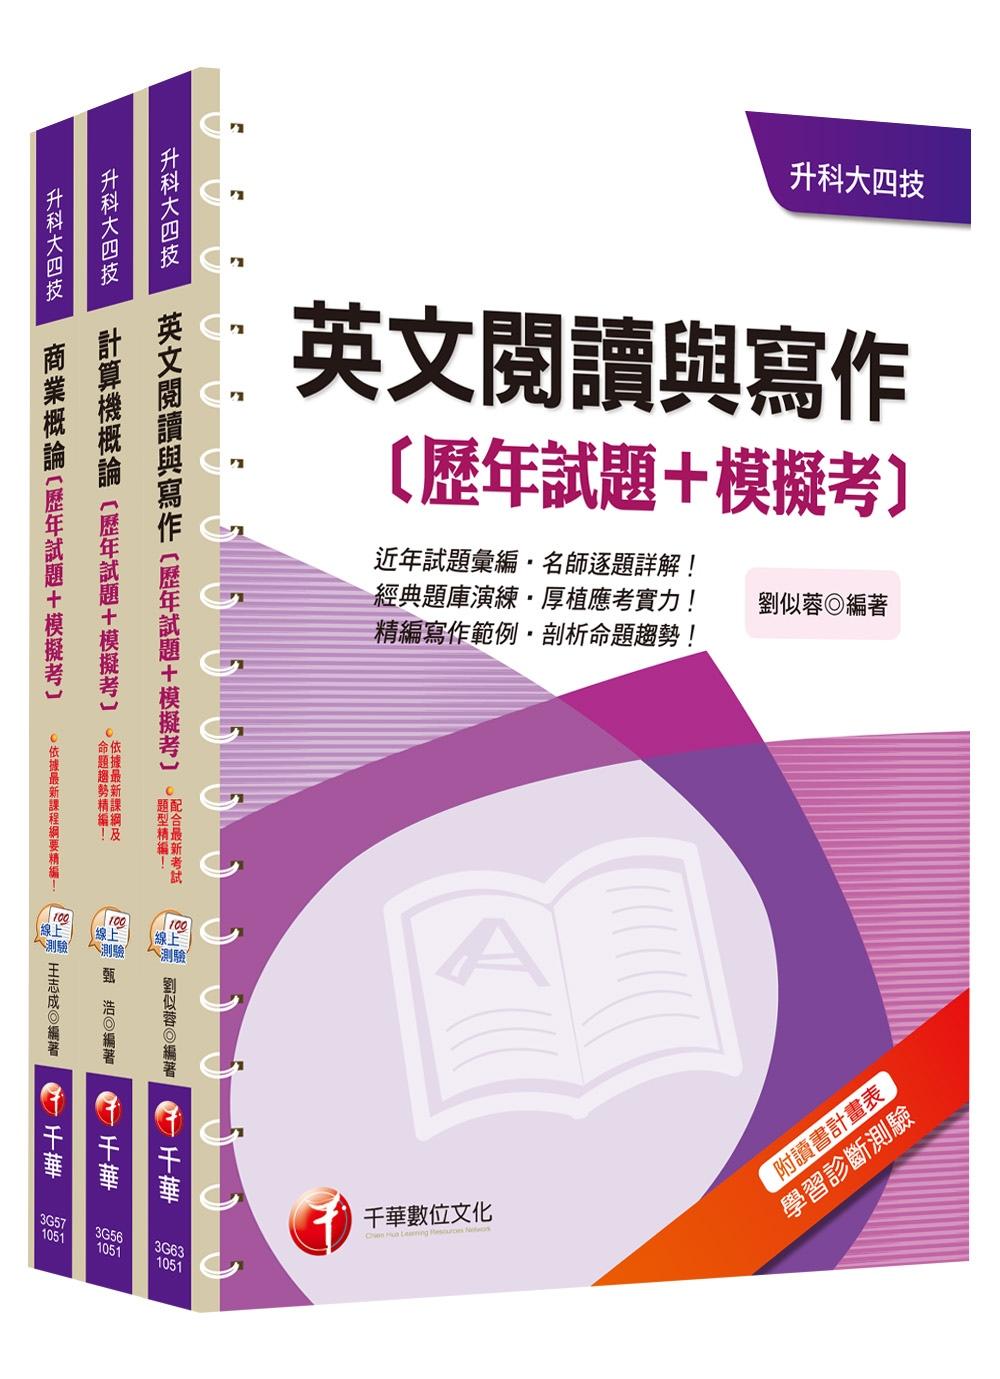 105年升科大四技統一入學測驗~外語群英語類~歷年試題 模擬考套書